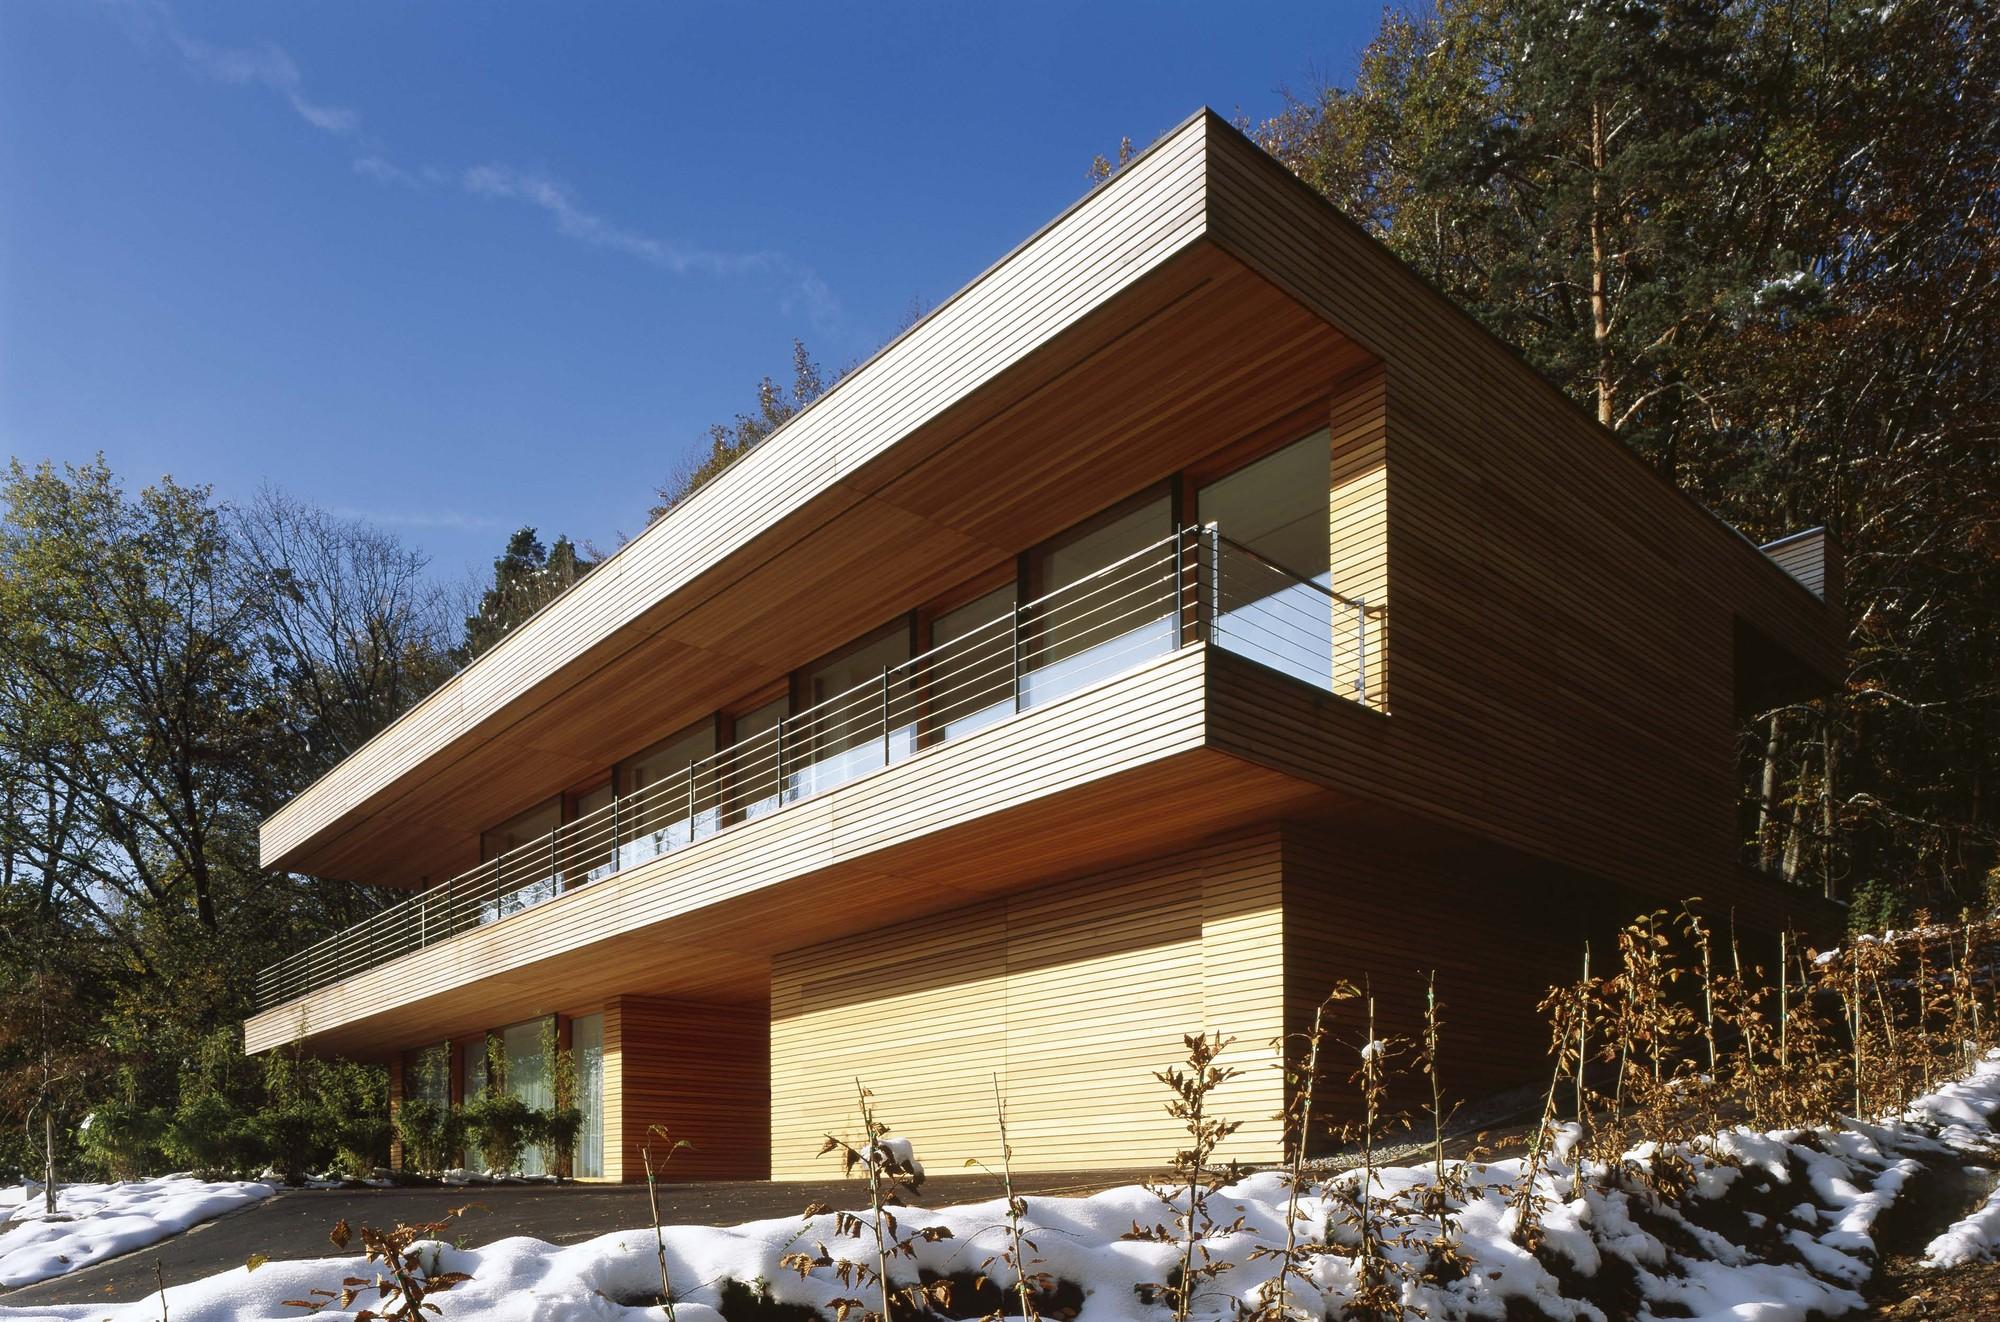 House Heilbronn / k_m architektur, © Hagen Stier